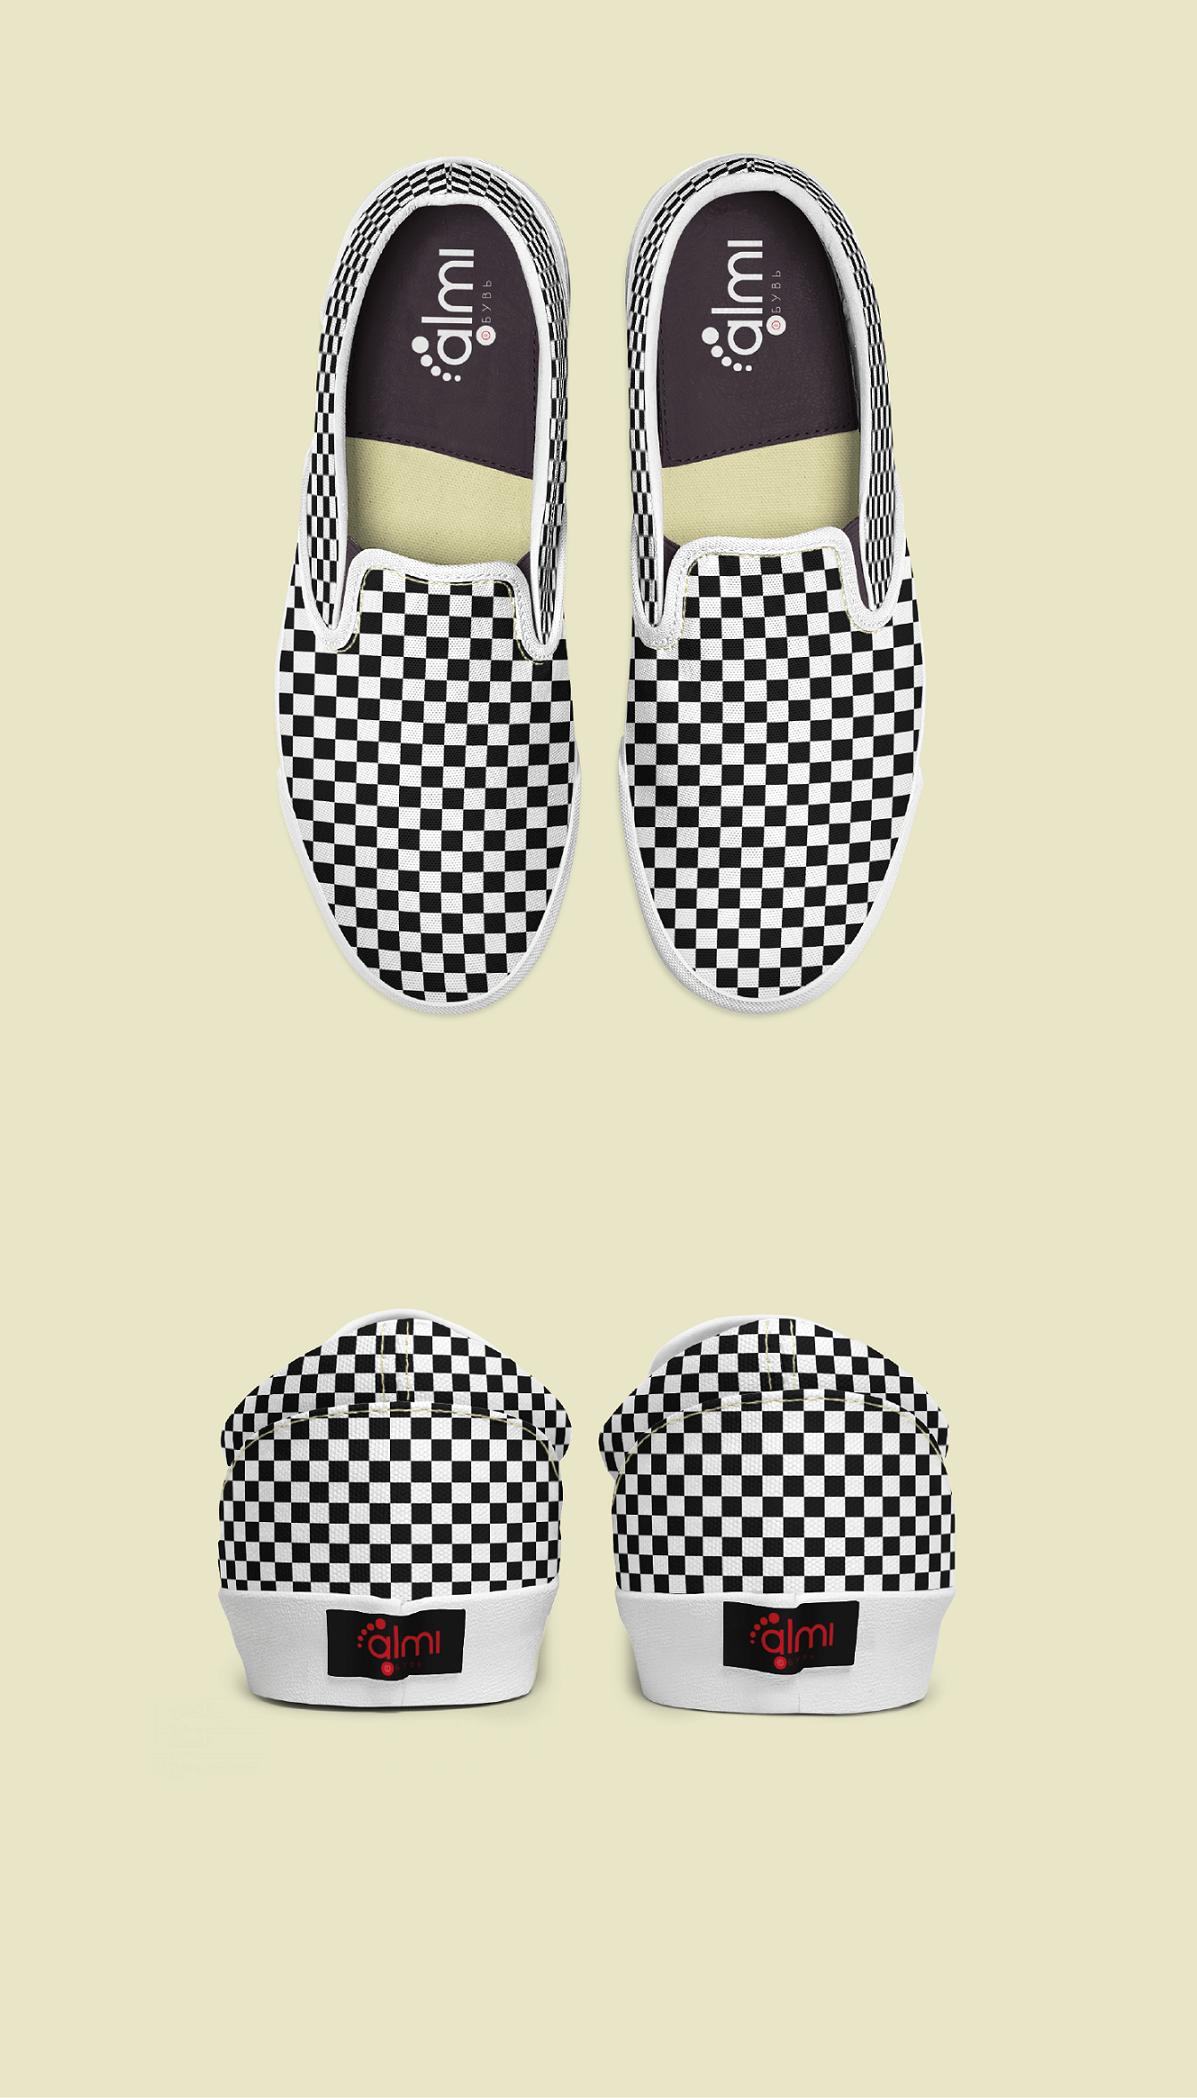 Дизайн логотипа обувной марки Алми фото f_75159f1ac57cbc57.png